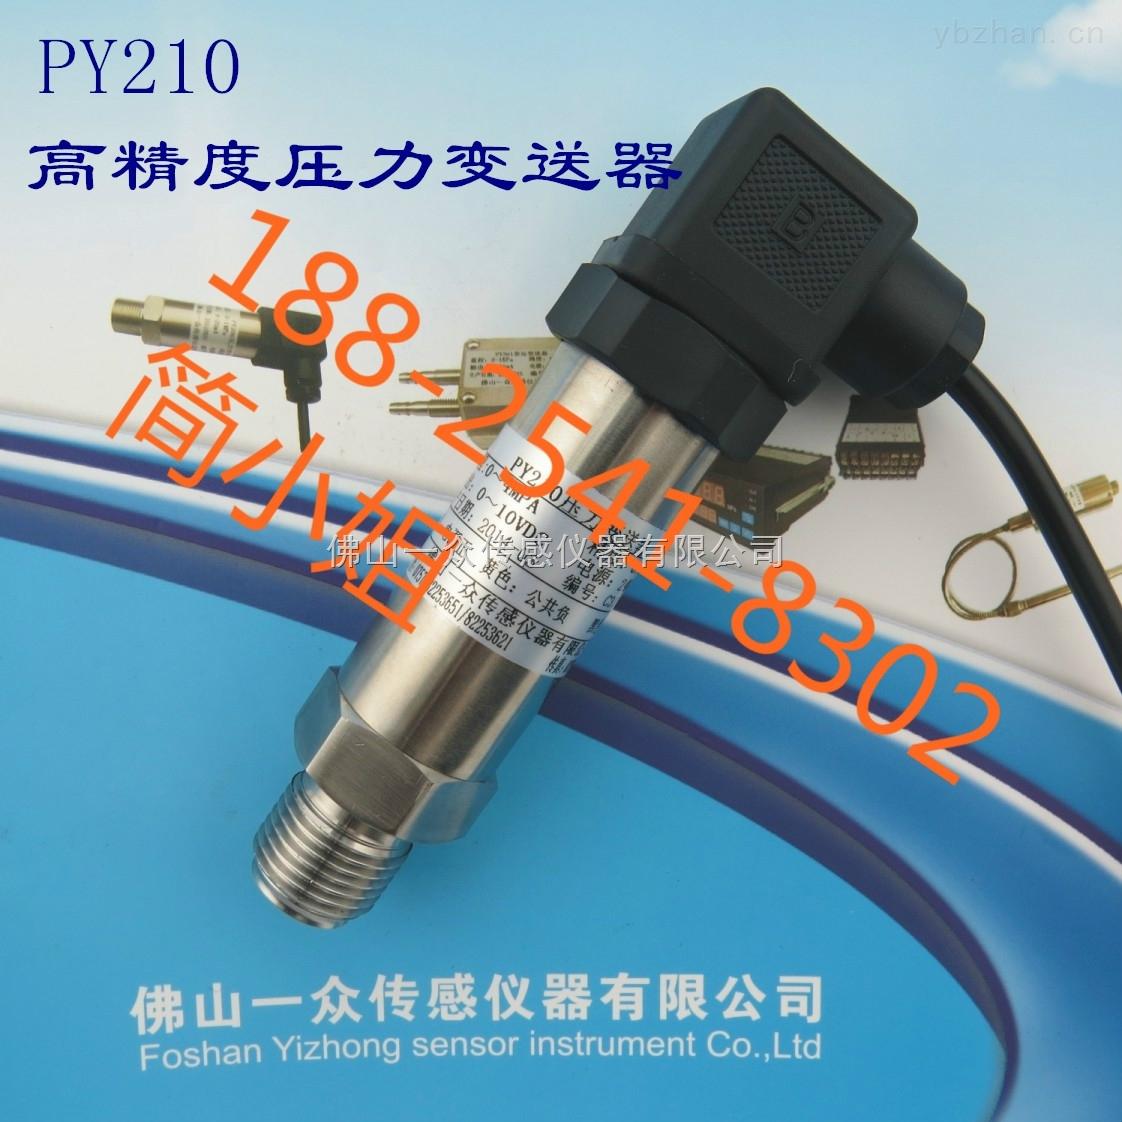 最新款真空冶金行业专用真空淬火炉压力变送器PY210厂家直销